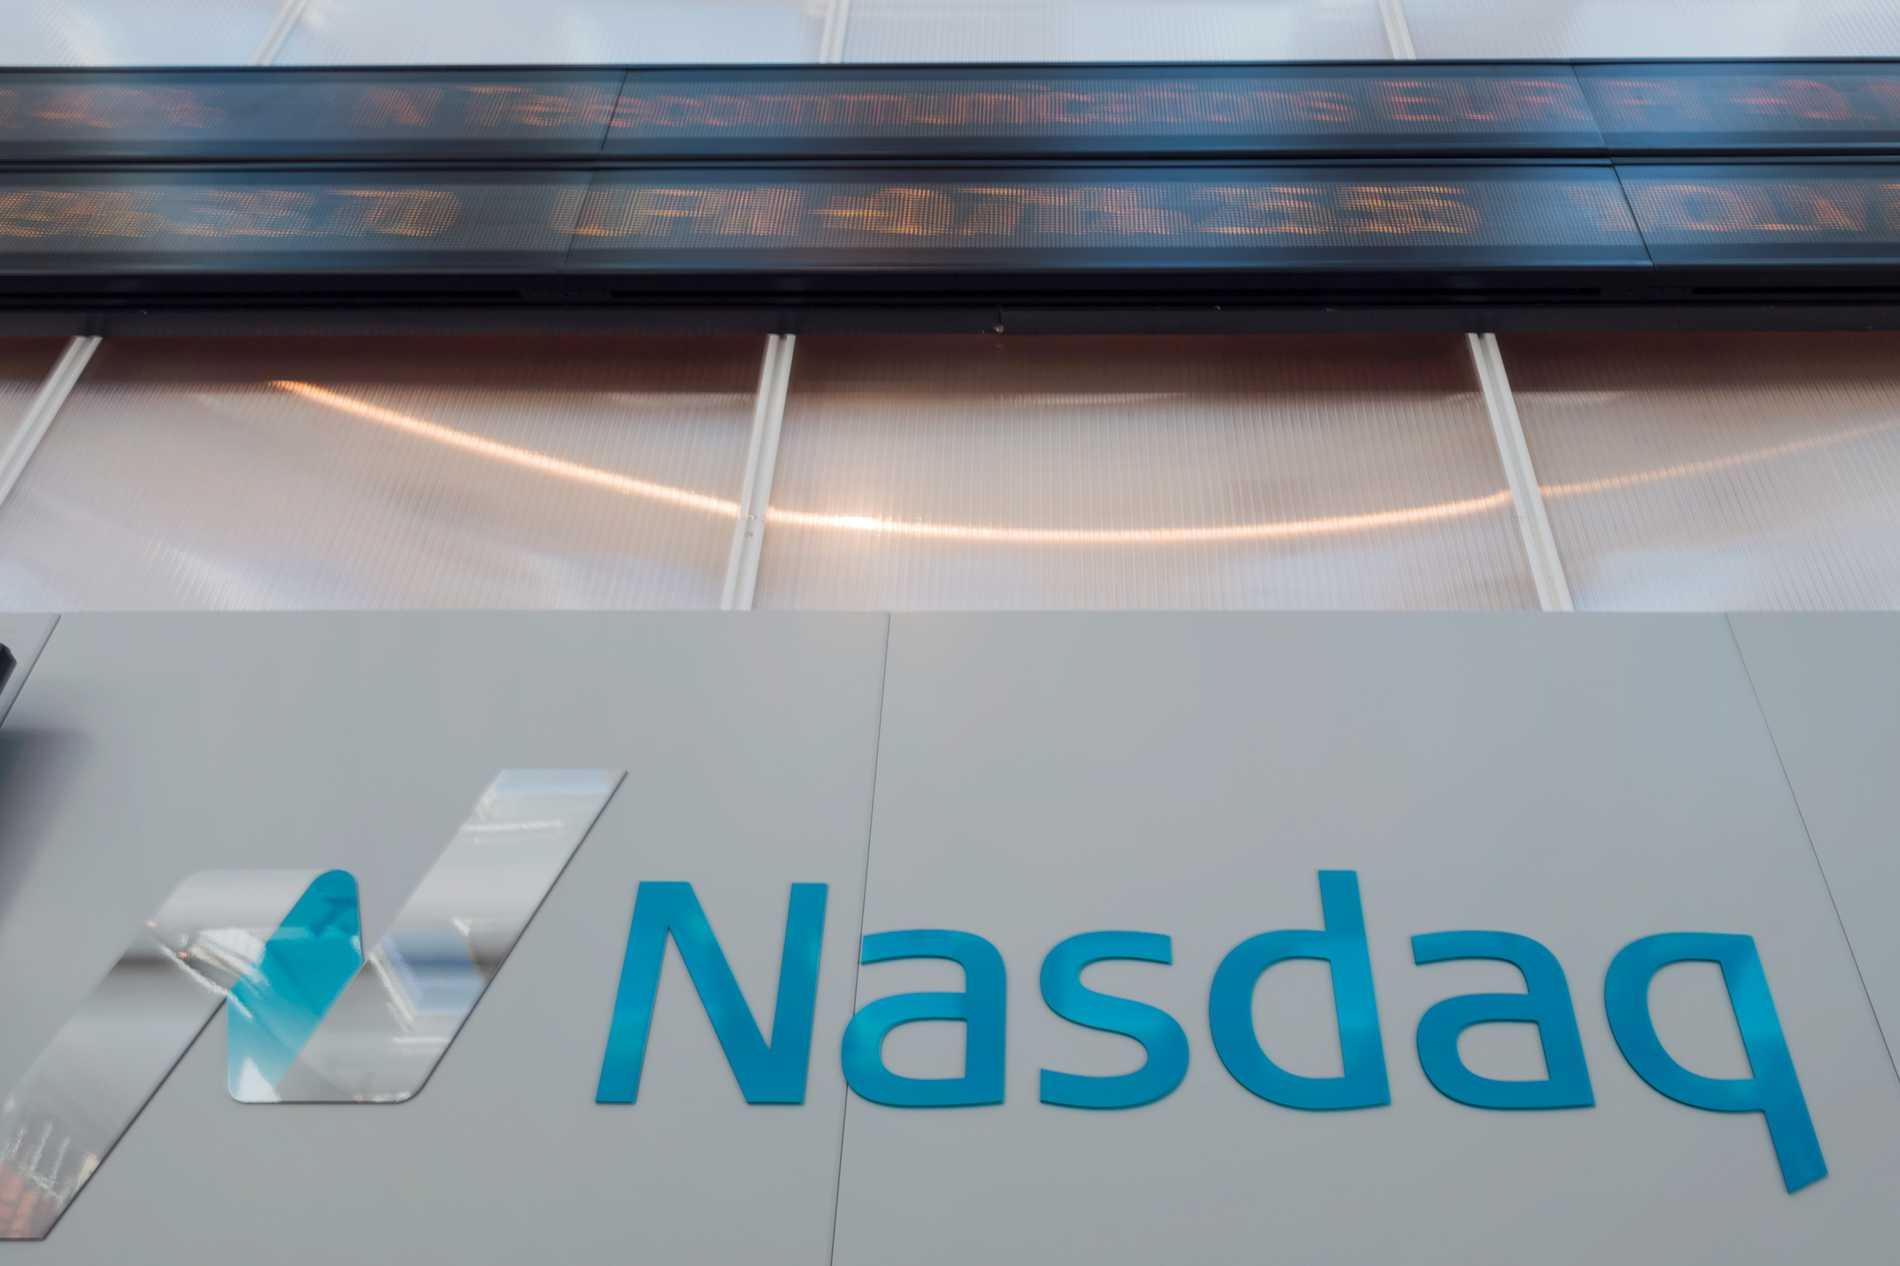 Börsen på ny rekordnivå